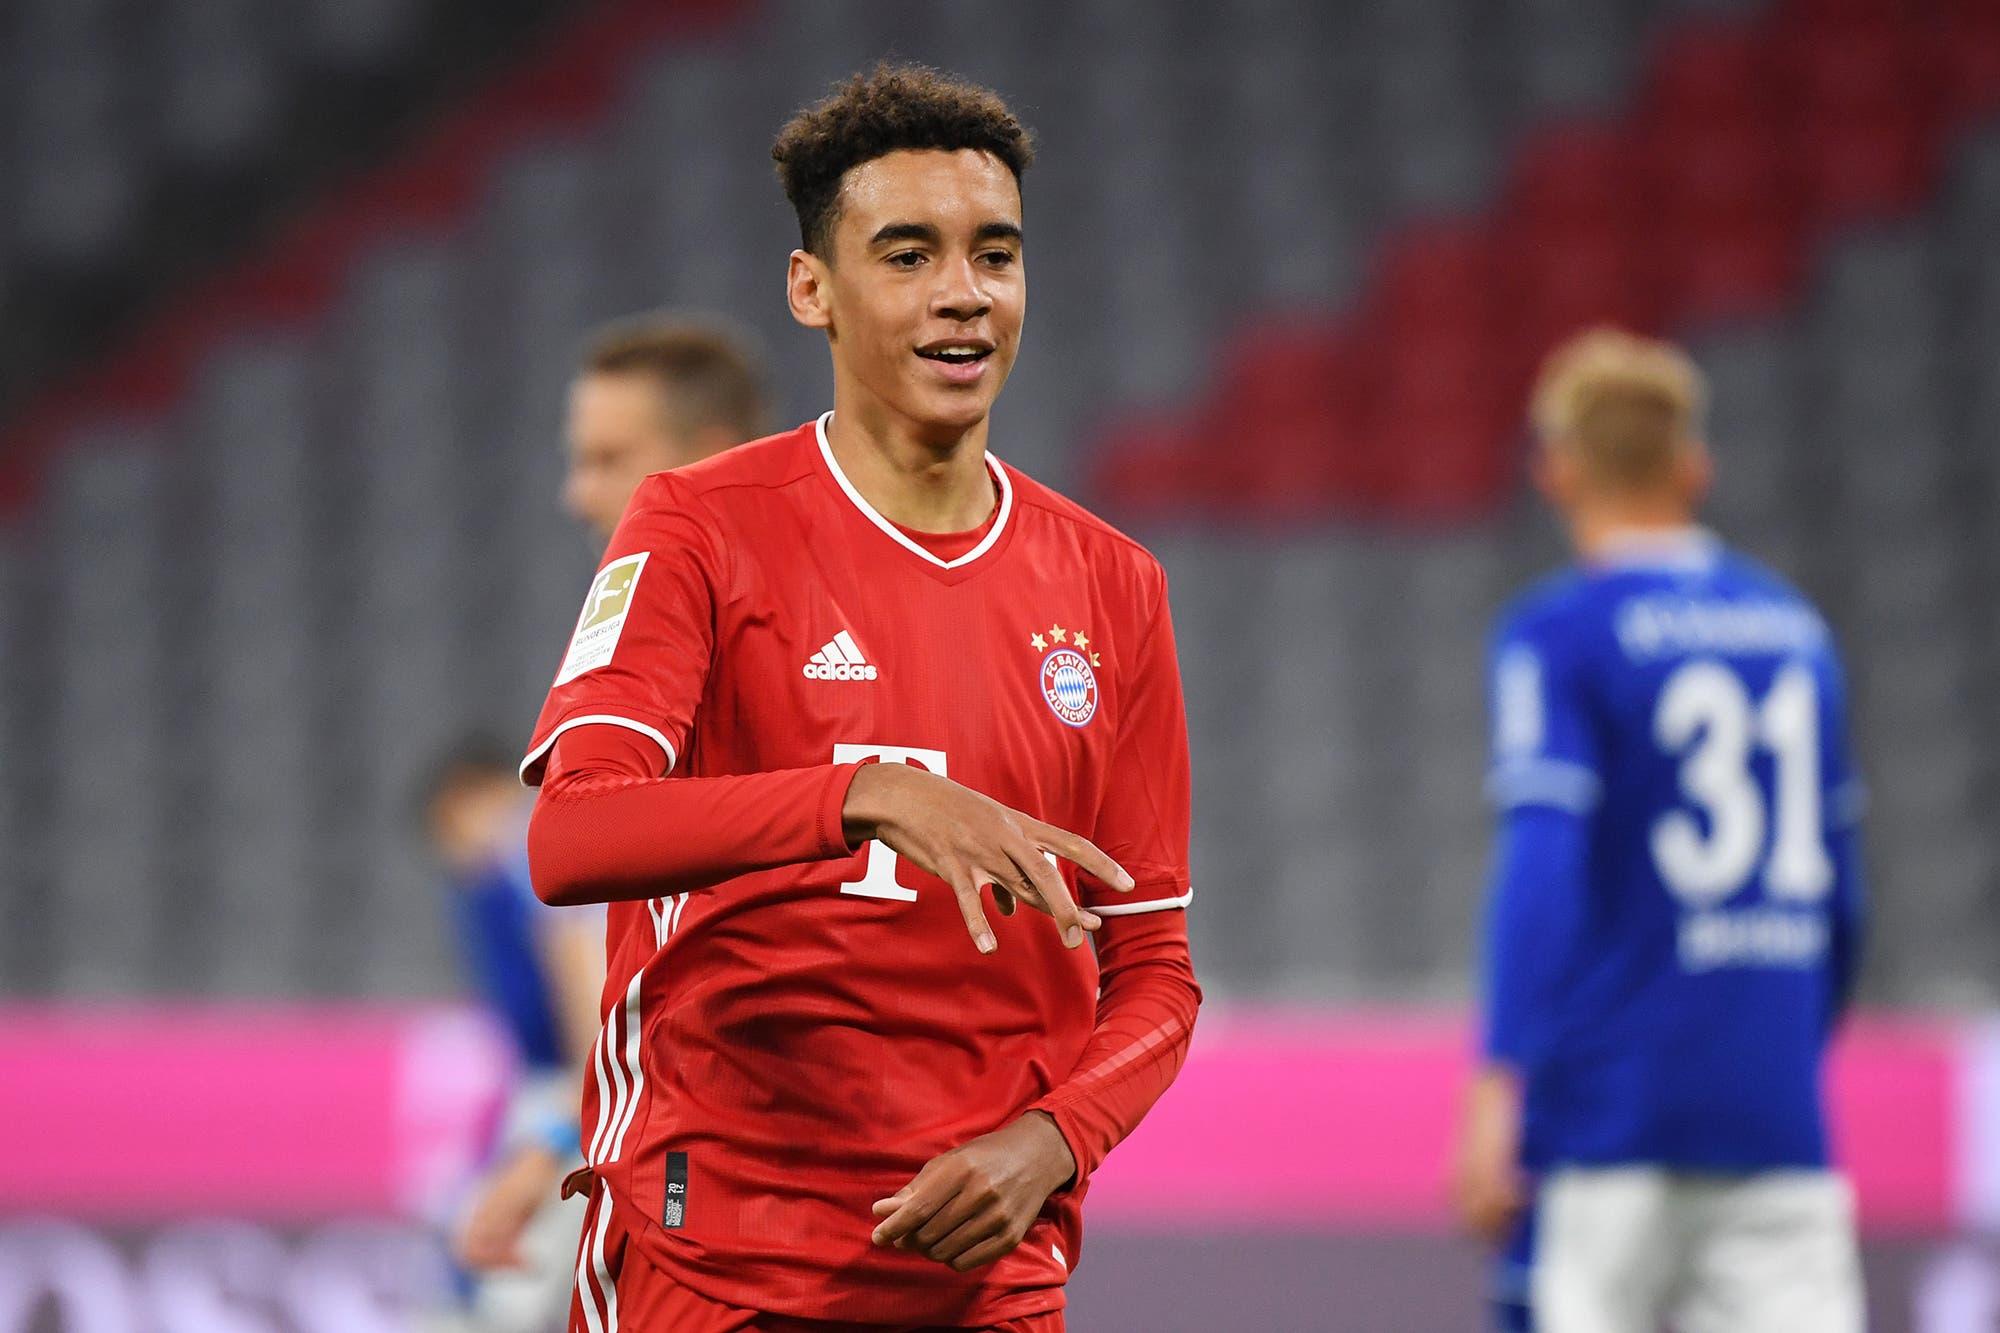 Bundesliga. Bayern Munich no para: le metió ocho goles a Schalke en el debut